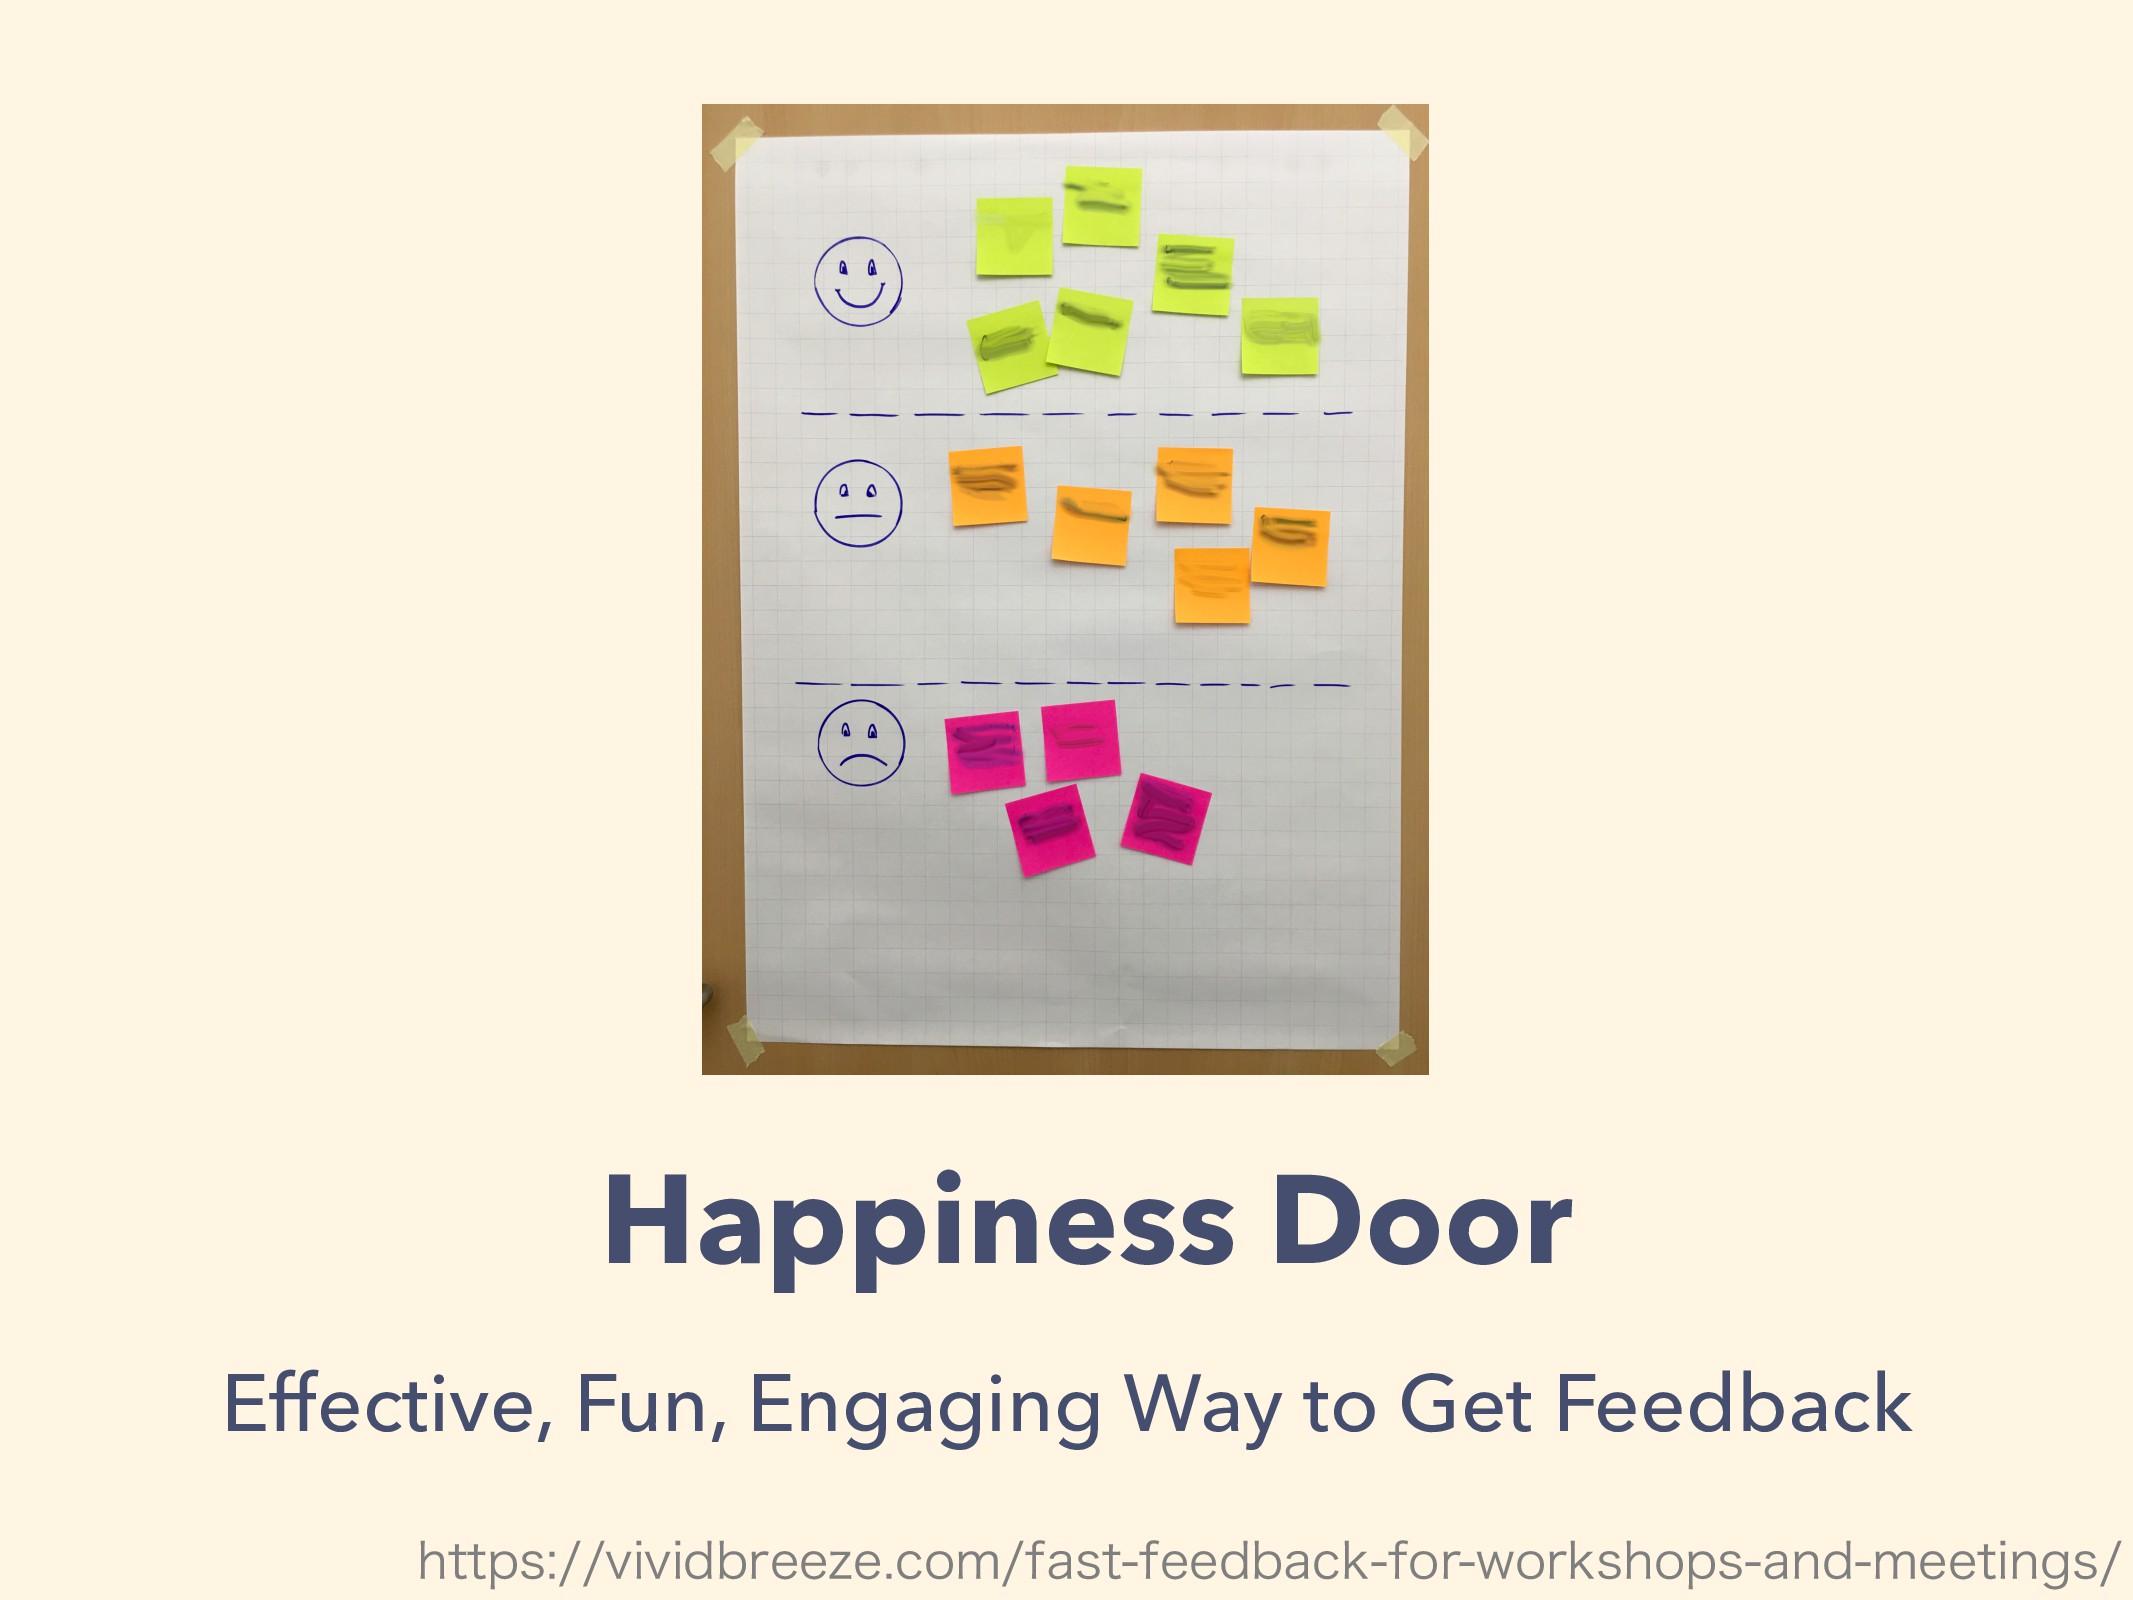 Happiness Door Effective, Fun, Engaging Way to ...